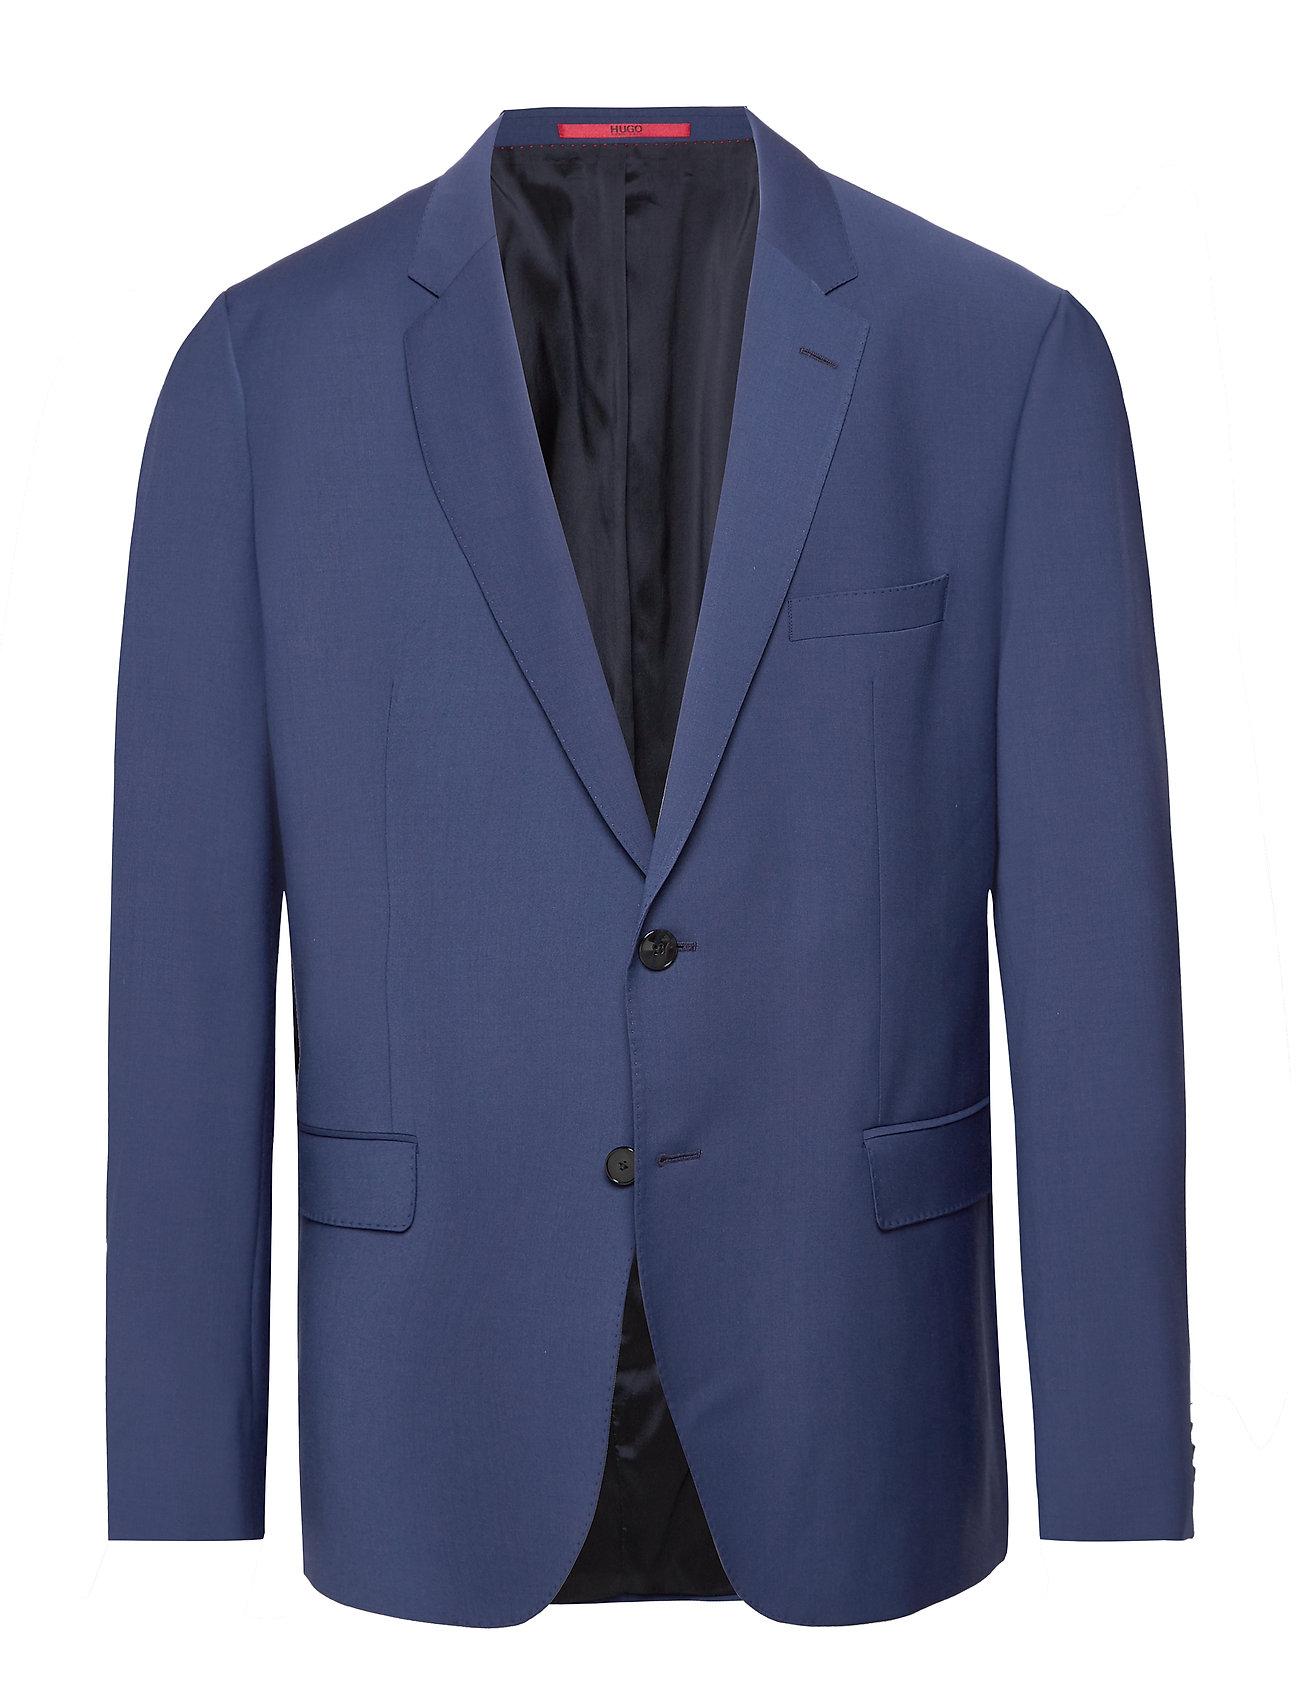 HUGO Jeffery182 - OPEN BLUE